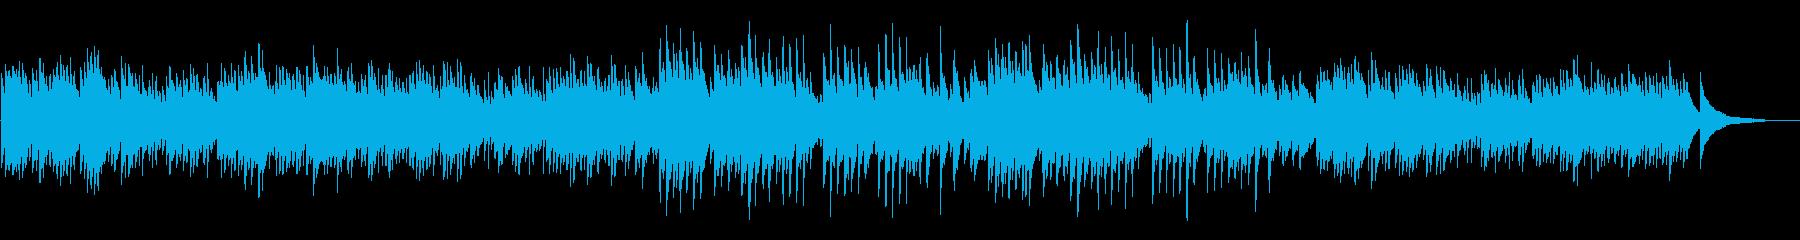 癒しアンビエント睡眠系ヒーリングピアノの再生済みの波形